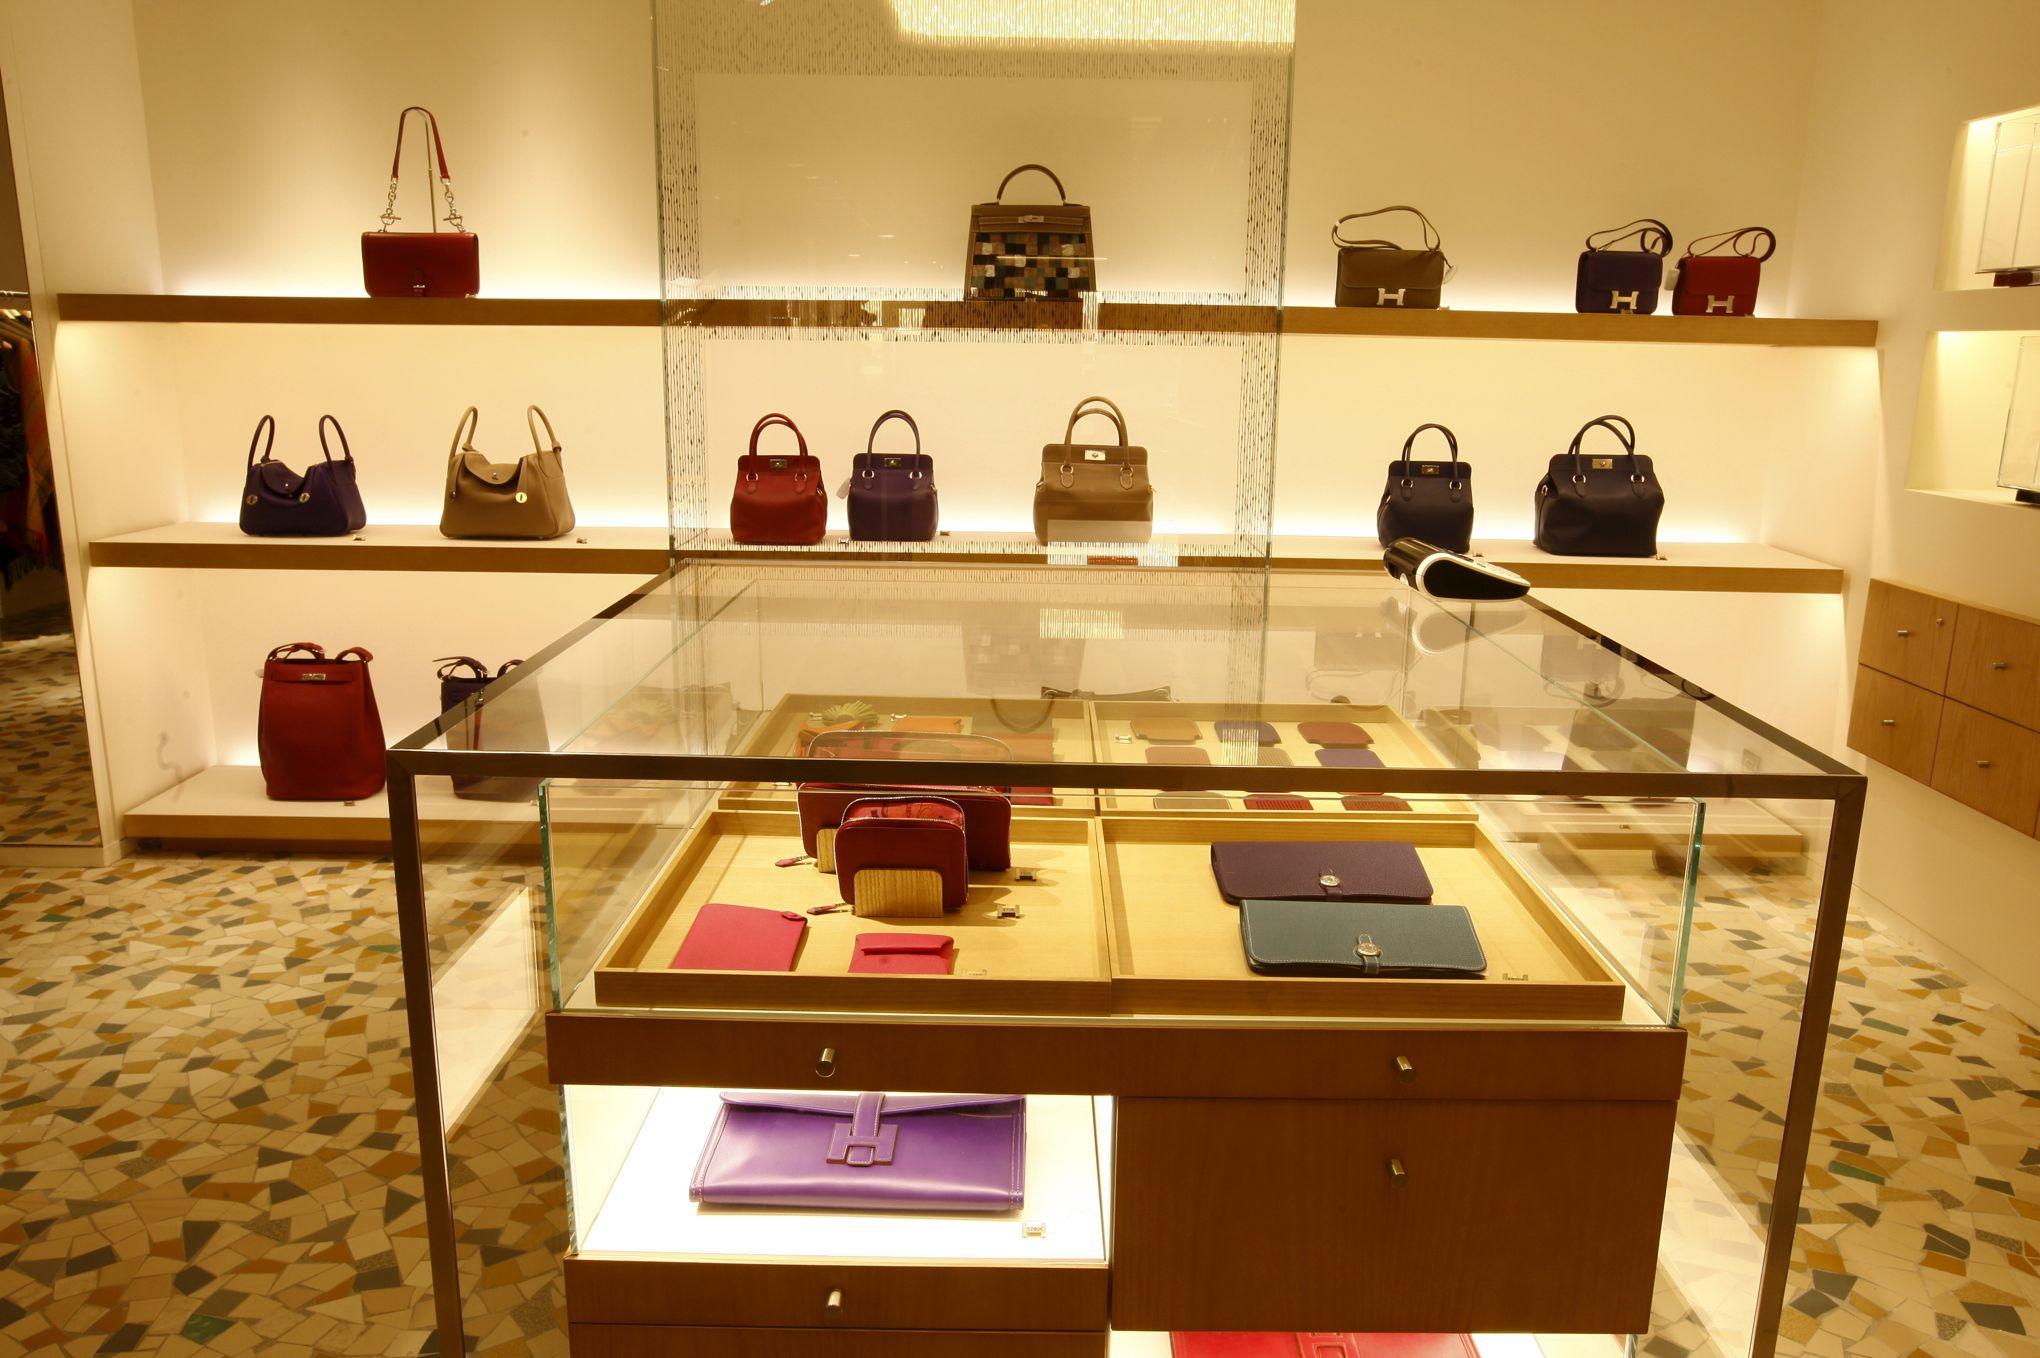 Hermès De Inaugure France En Sites Deux Nouveaux Production OP80wnk